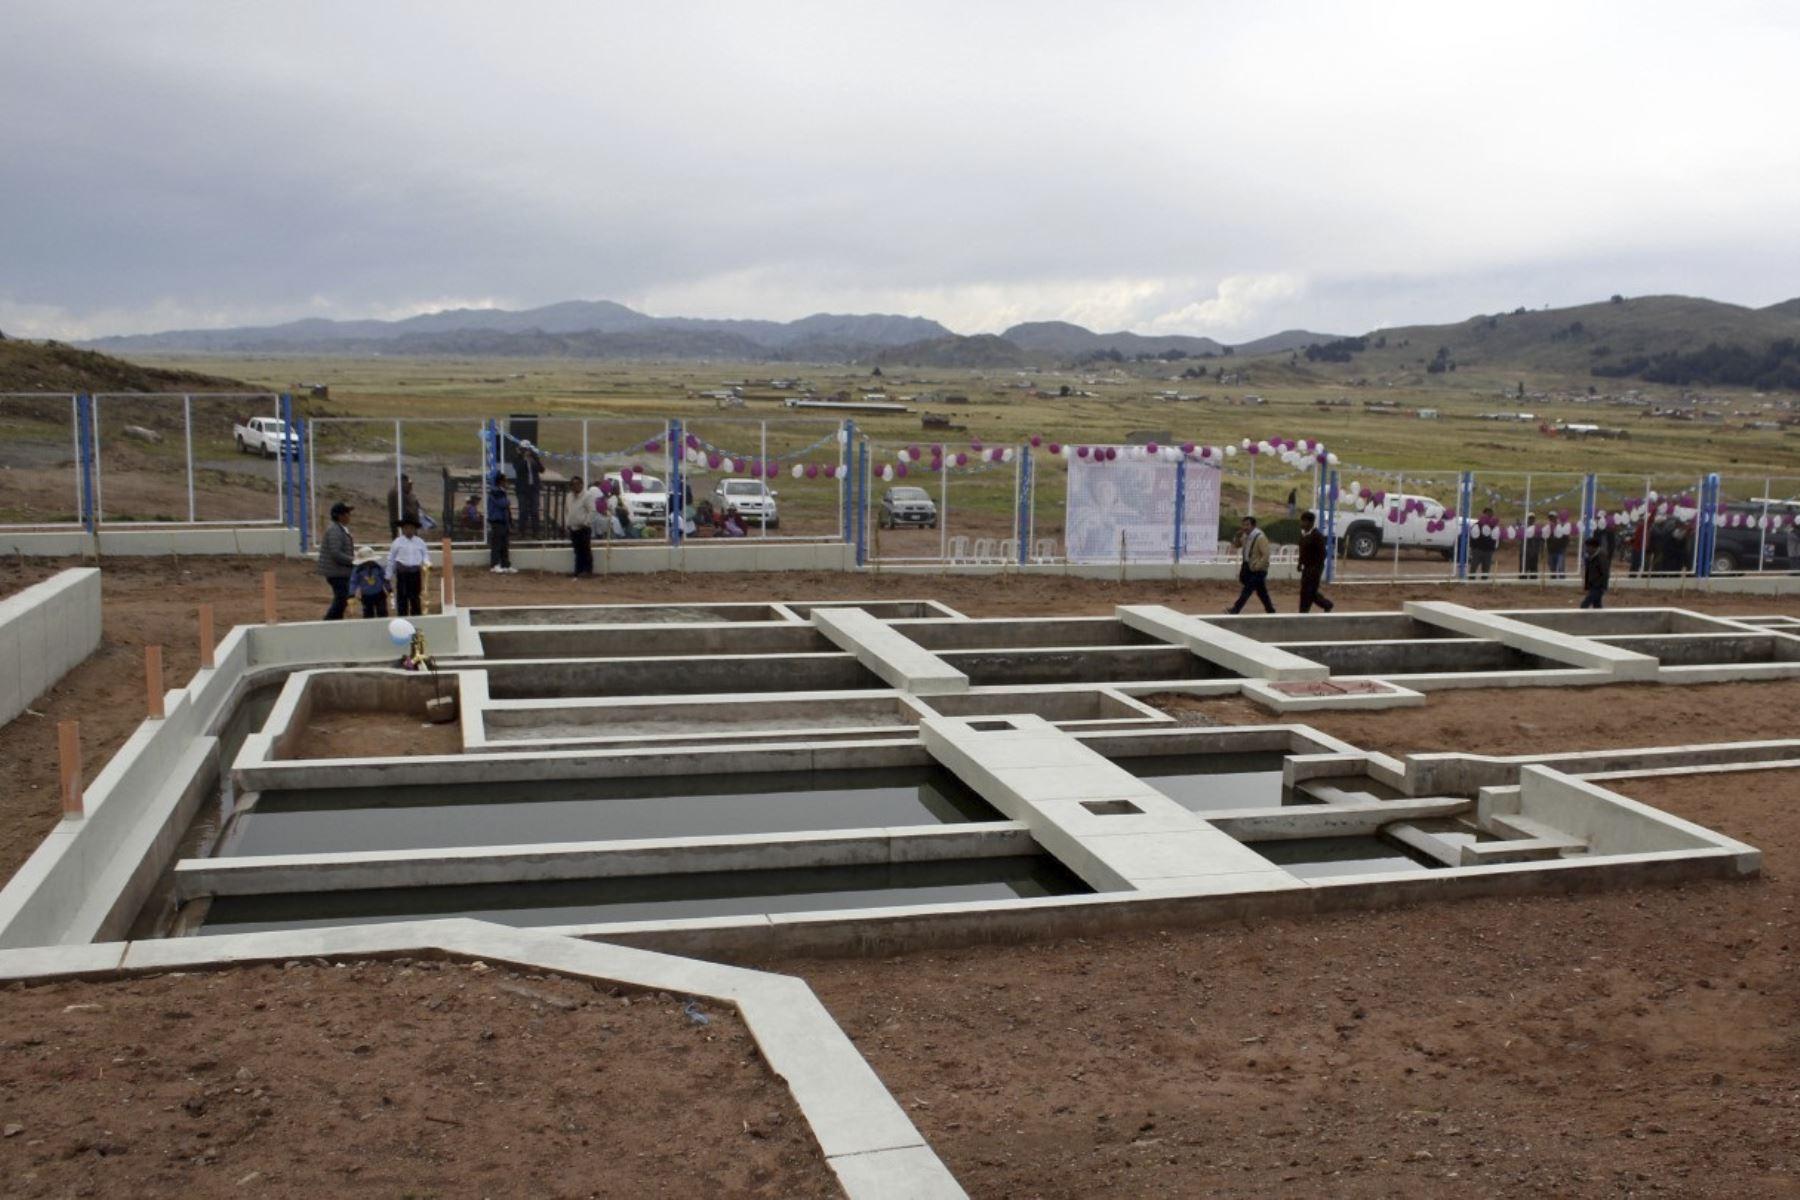 El plan Arranca Perú 2 transfirió S/ 114 millones a municipios de Cusco para financiar obras de saneamiento rural. ANDINA/Difusión